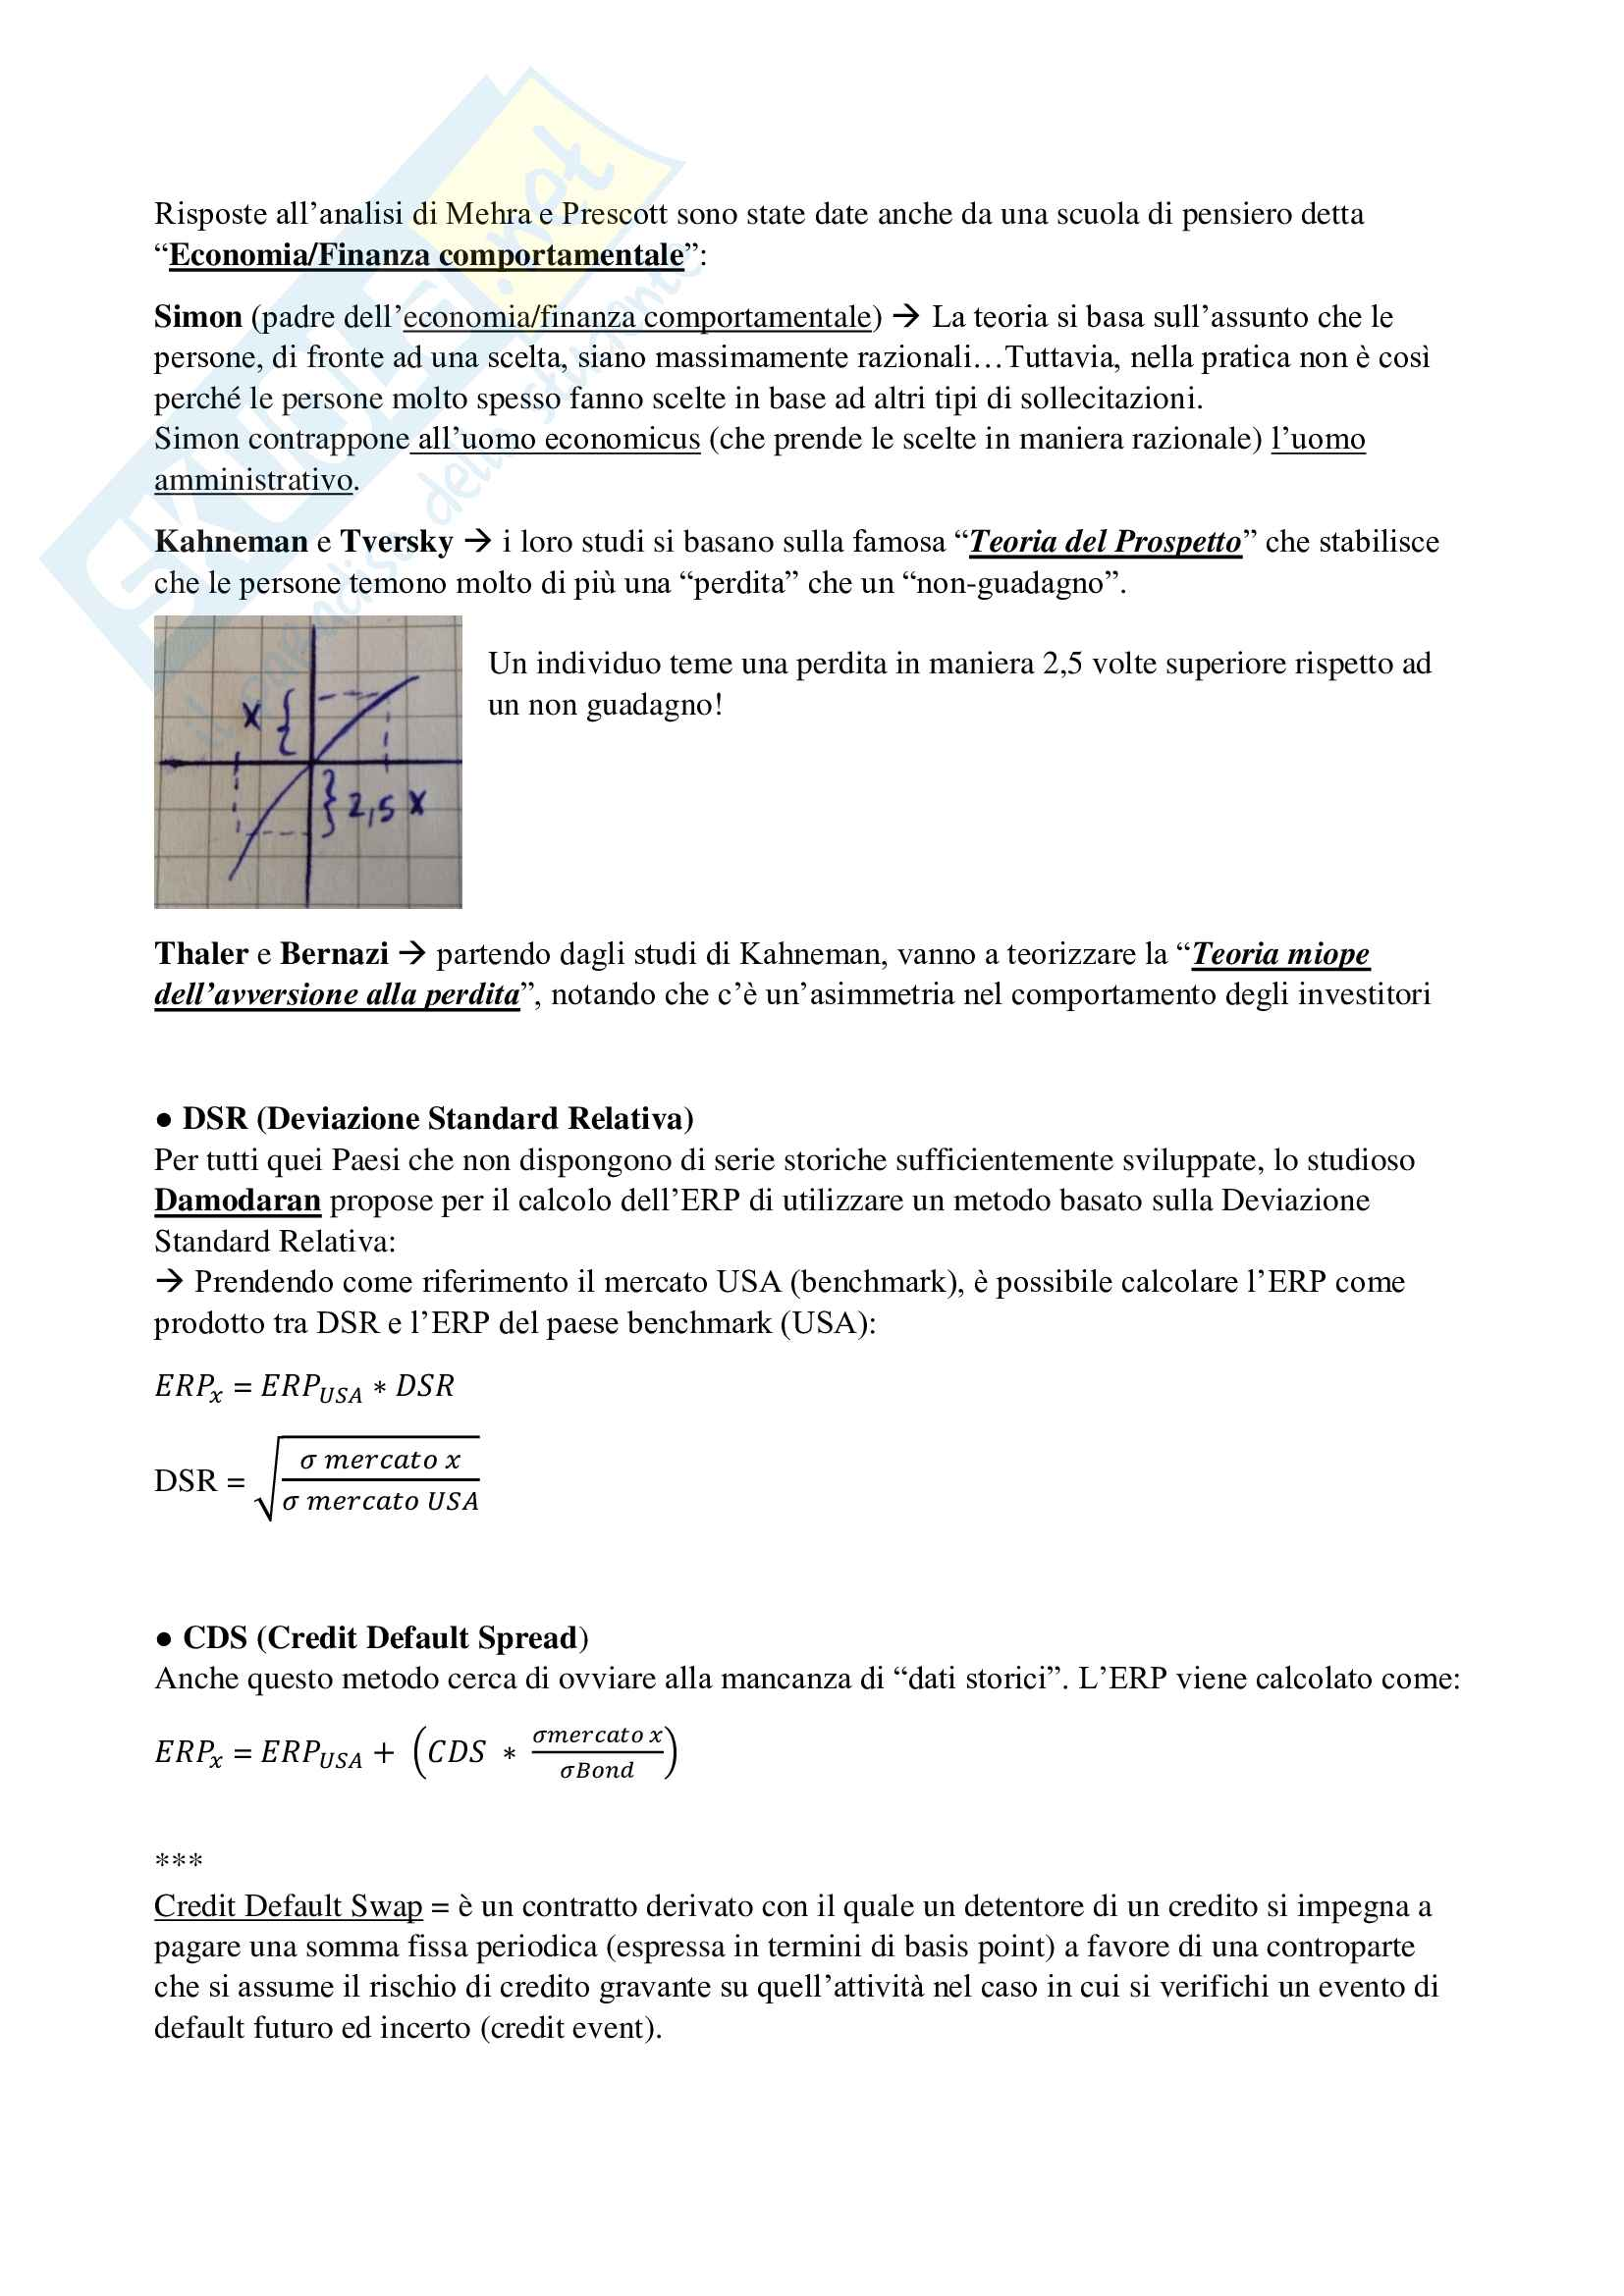 riassunti Valutazione d'azienda - Teoria (Prof Fontana) Pag. 26